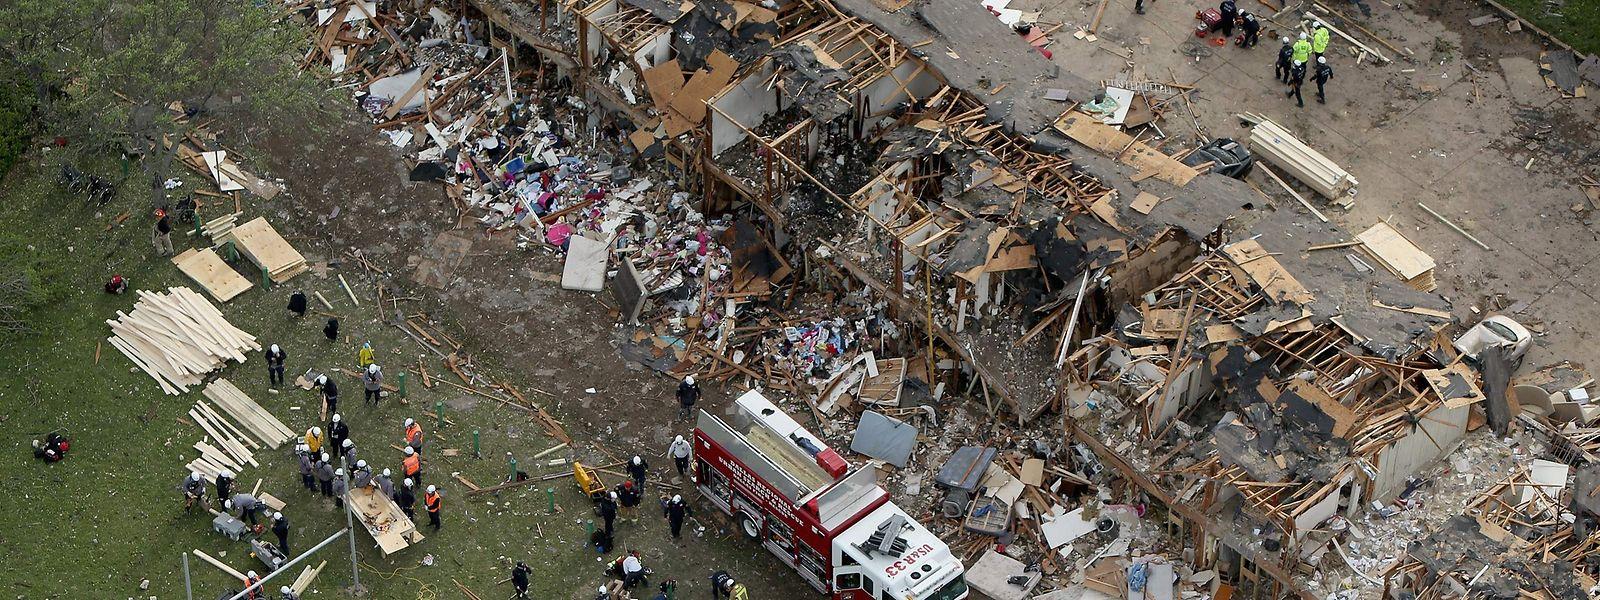 Imagens da destruição de Beirute após as violentas explosões de terça-feira, 4 de agosto.